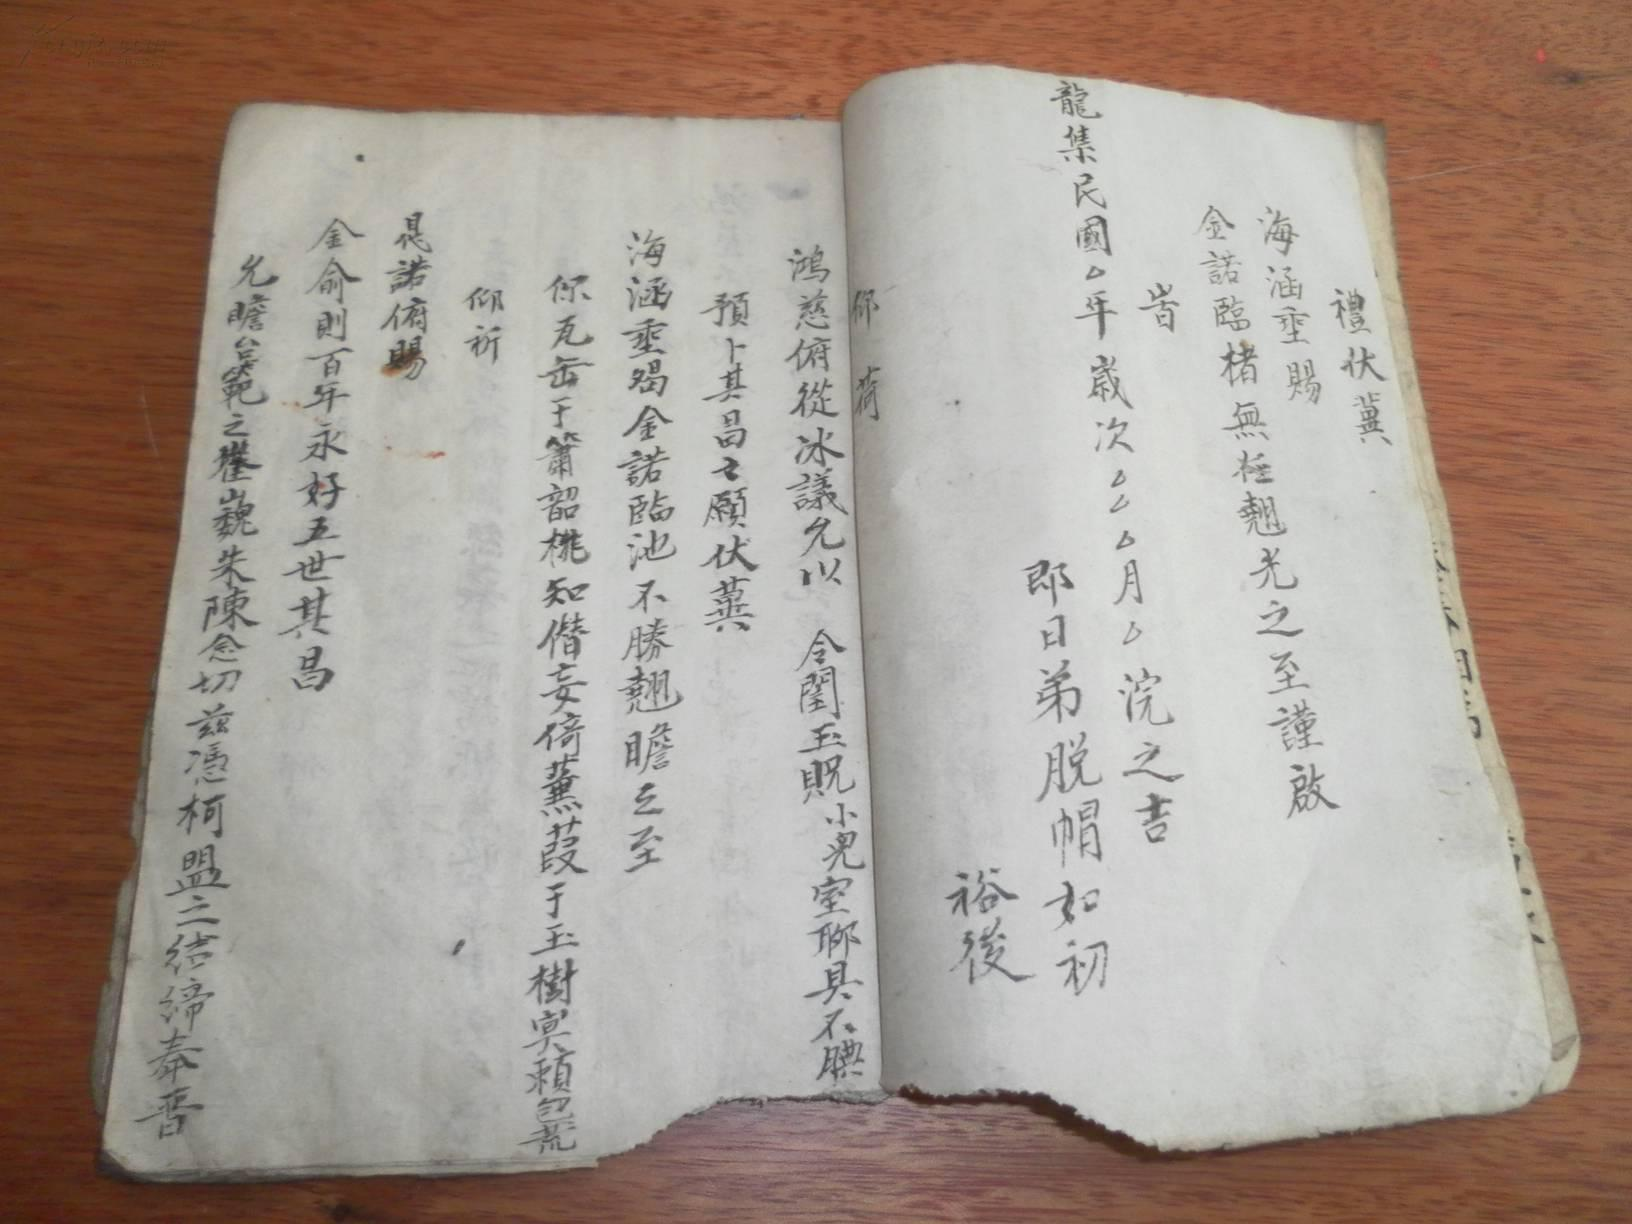 民国写本《帖式》古时写信写月份等等格式称呼等.图片